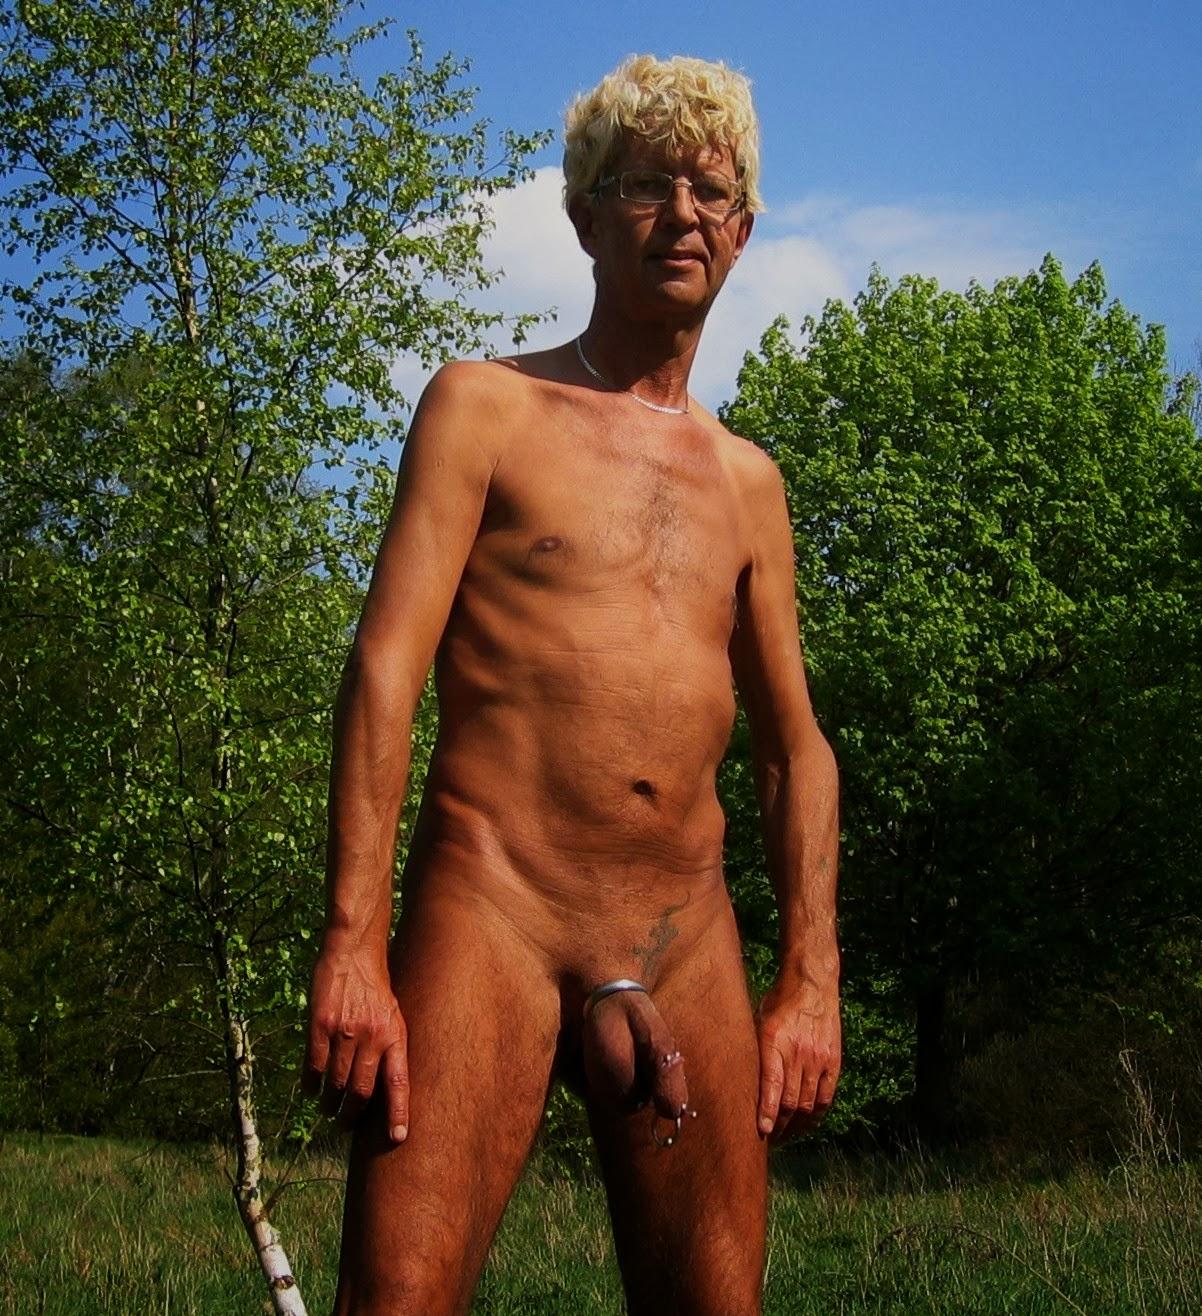 pornostar männer nude in public